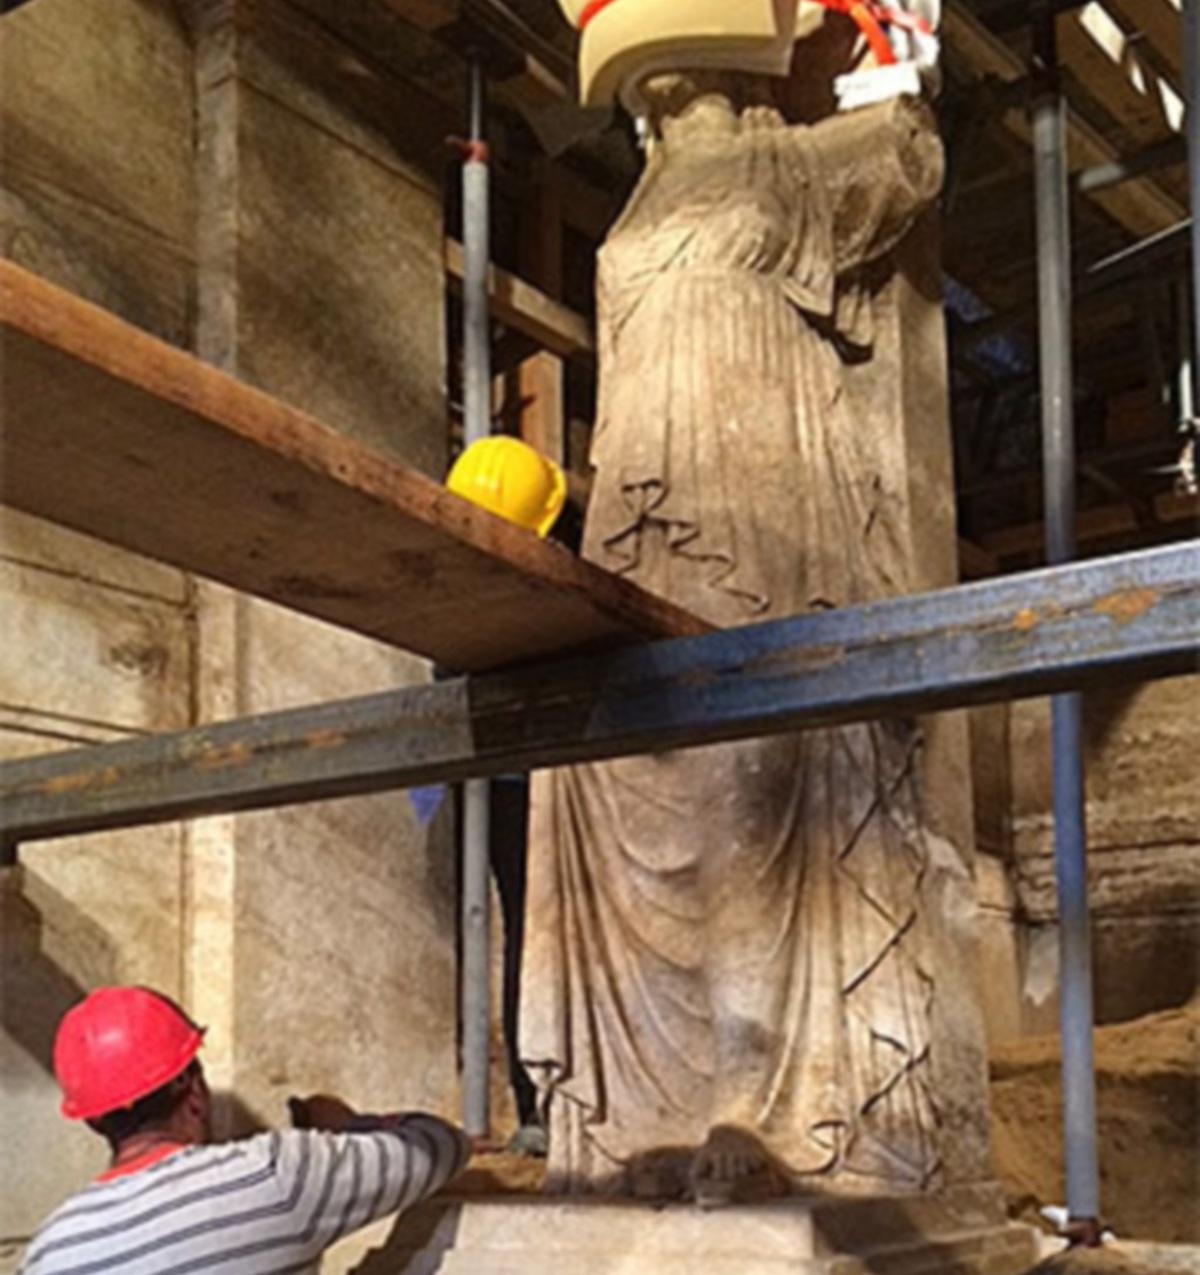 Αμφίπολη: Δέος μπροστά στις Καρυάτιδες – Αποκαλύφθηκαν ολόκληρες – Πάνω από 4 μέτρα το βάθρο με το άγαλμα